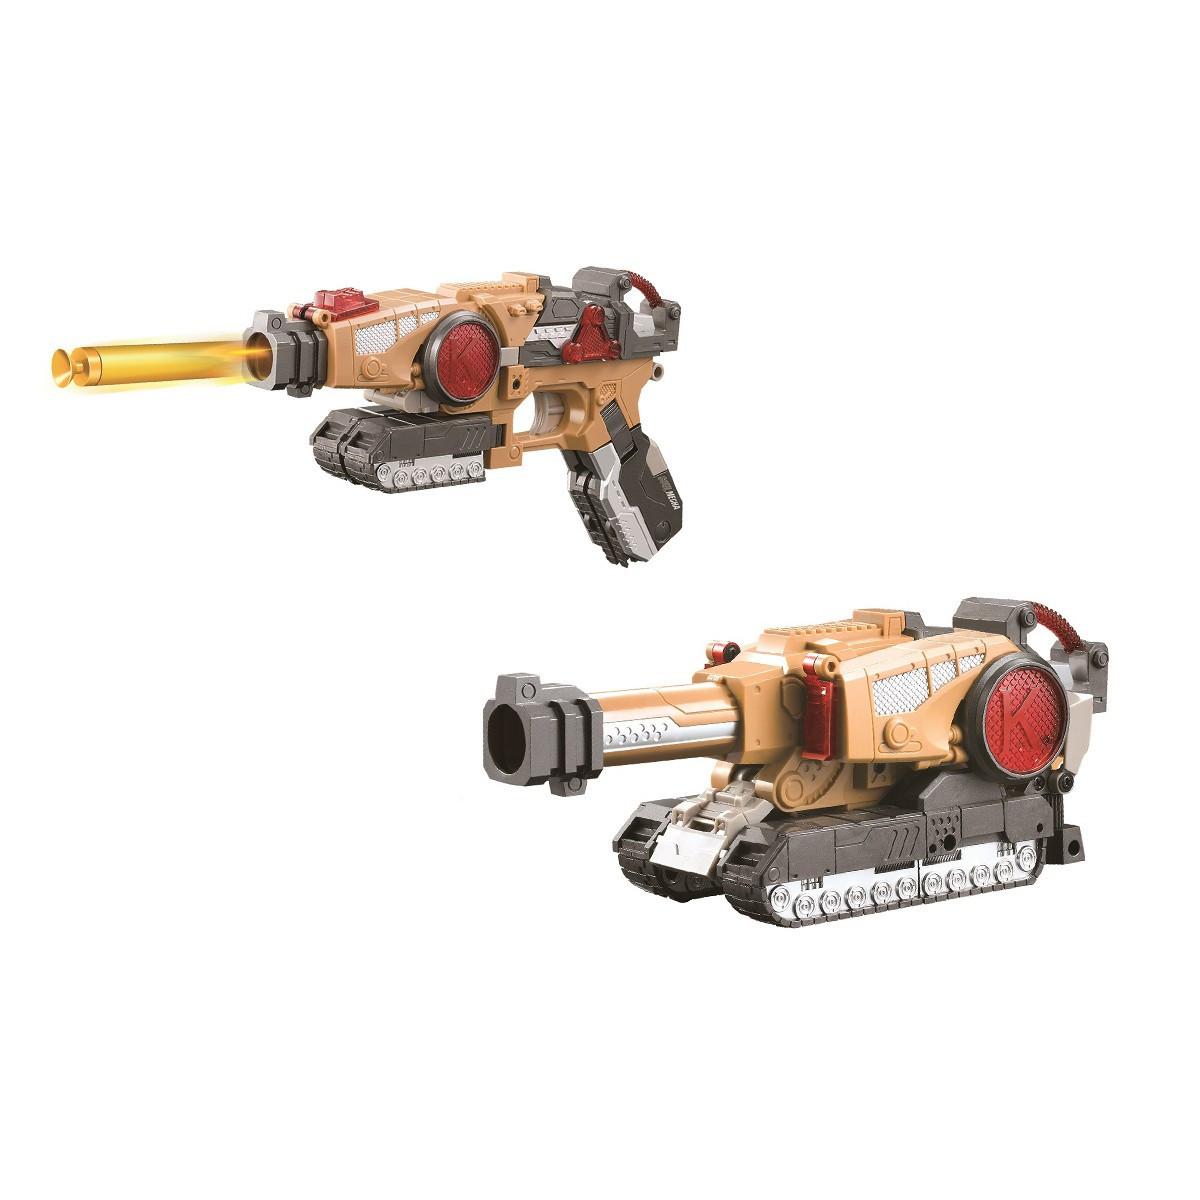 Трансформер - баттлбот Dinobots Боевая машина 23 см (SB462)